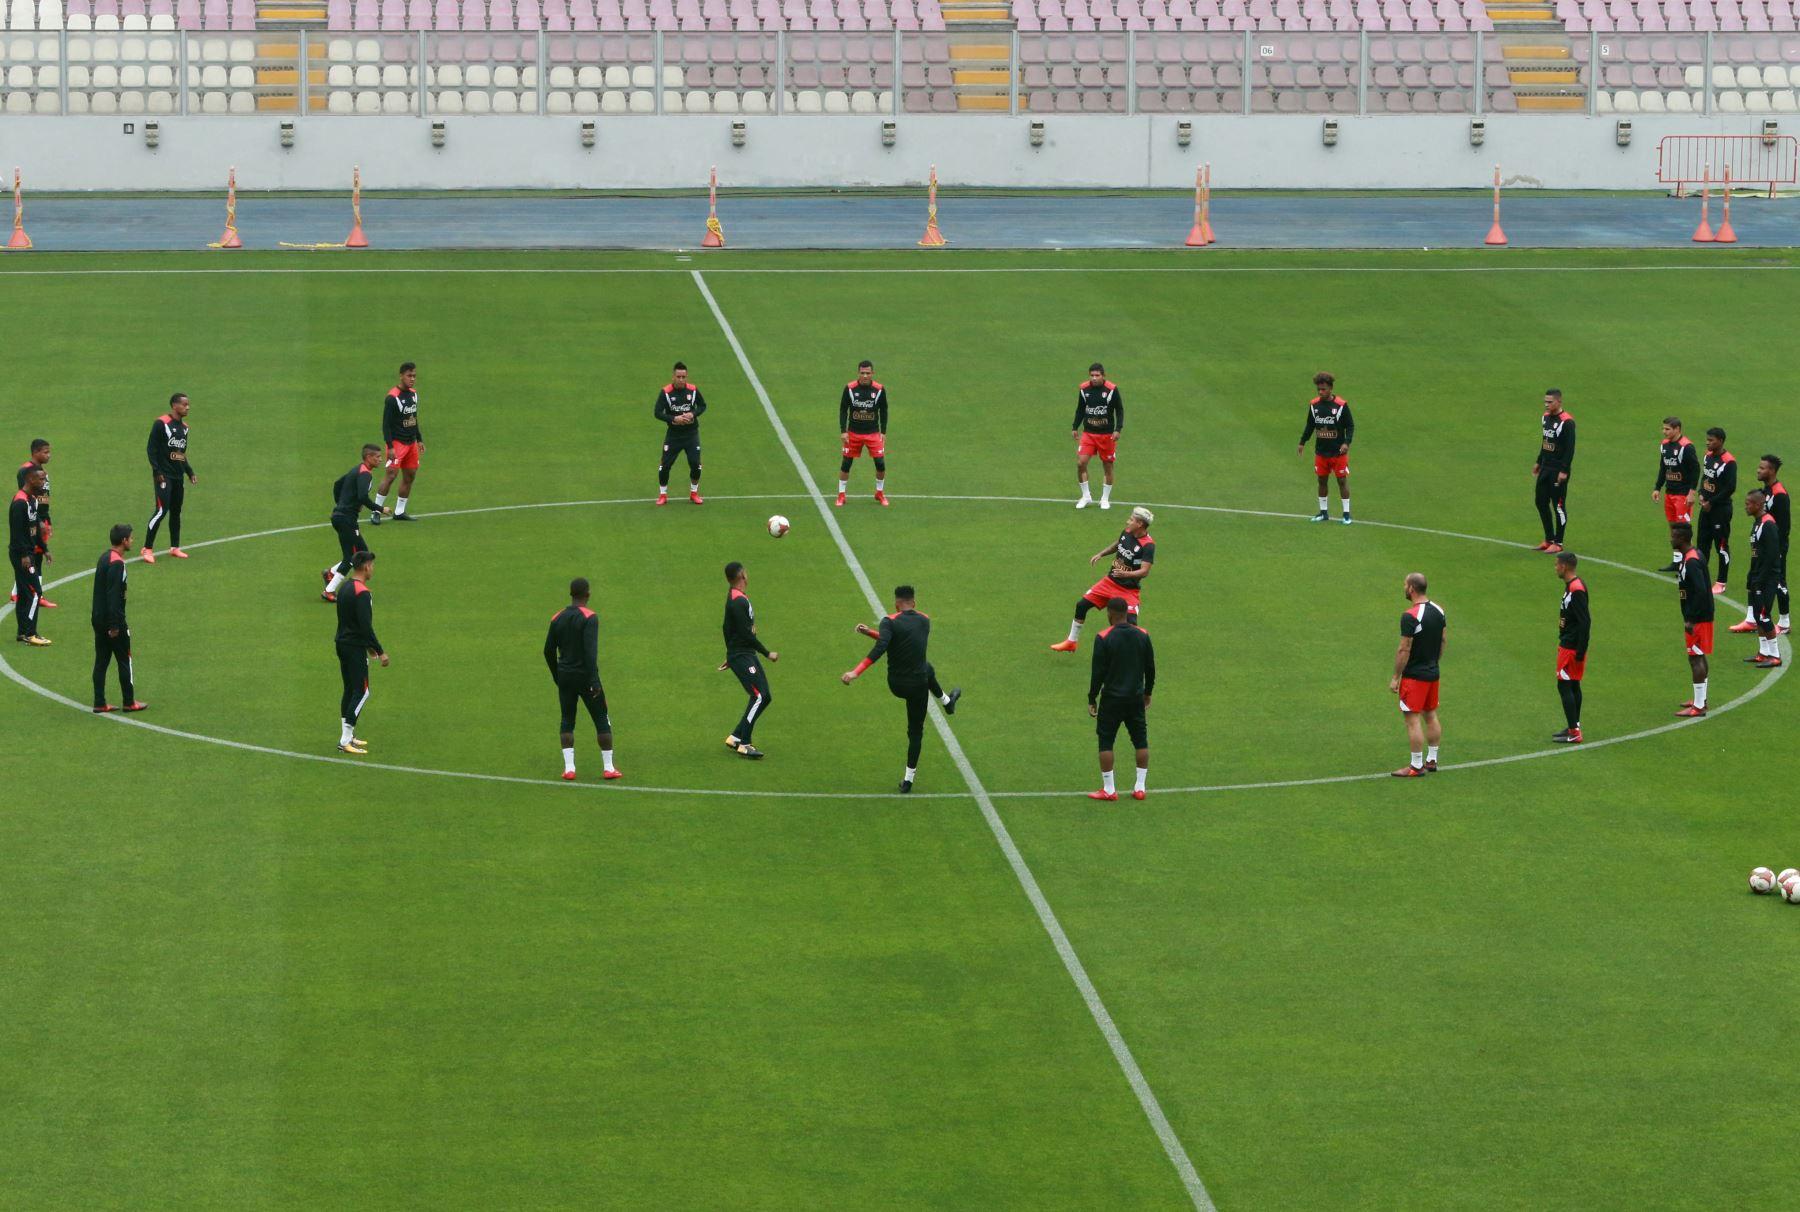 Entrenamiento de la selección peruana de fútbol en el Estadio Nacional. Foto: ANDINA/Norman Córdova.